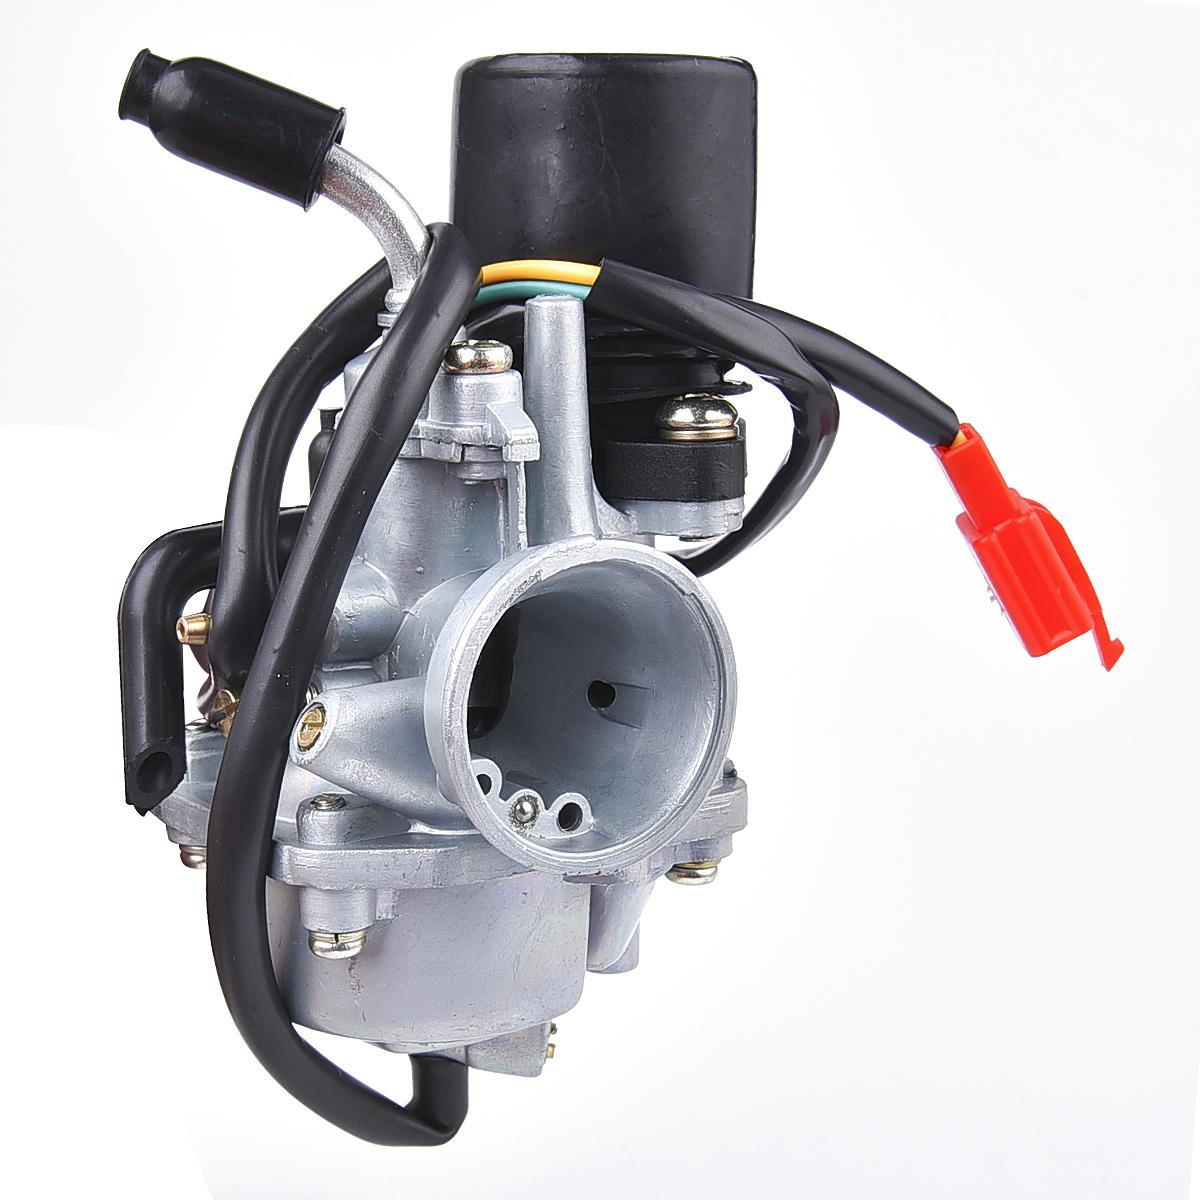 Carburador para Dinli 2 tiempos 50 cc 90 cc 110 cc Dino Jp Beast Helix ATV Quad Carb